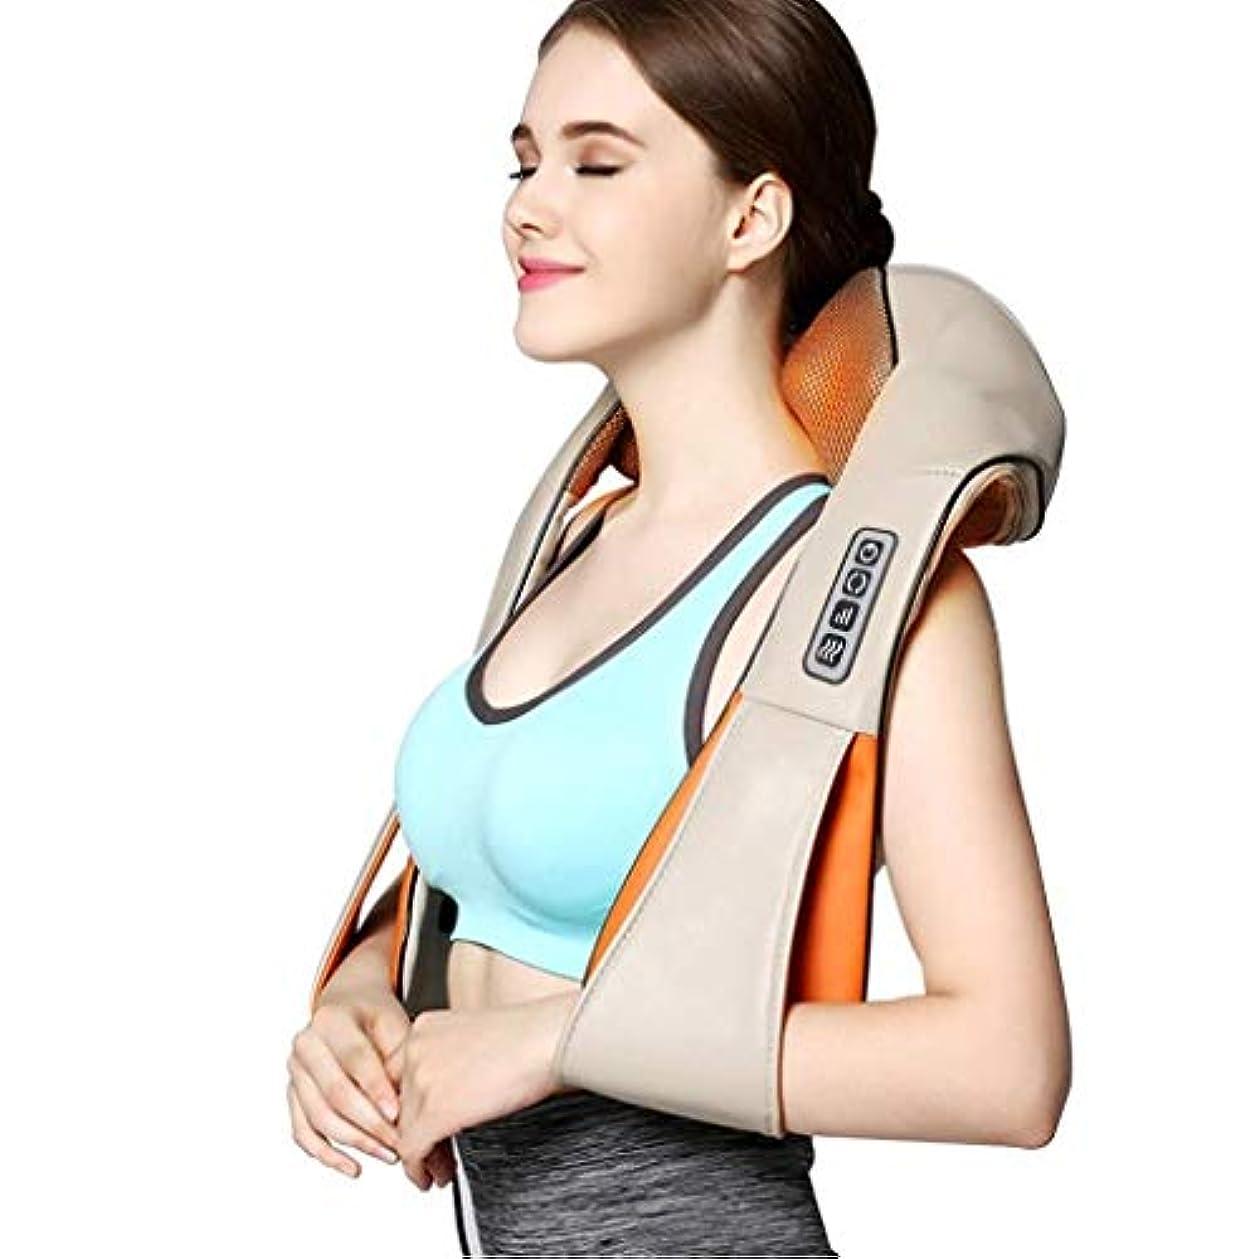 売上高メモ知覚的指圧ネックの肩のマッサージャー - 3D深いティッシュの混合の首、肩、背中、足、マッサージの痛みを緩和する電気バックマッサージ枕車のオフィスや家庭でリラックス (Color : 4buttons)